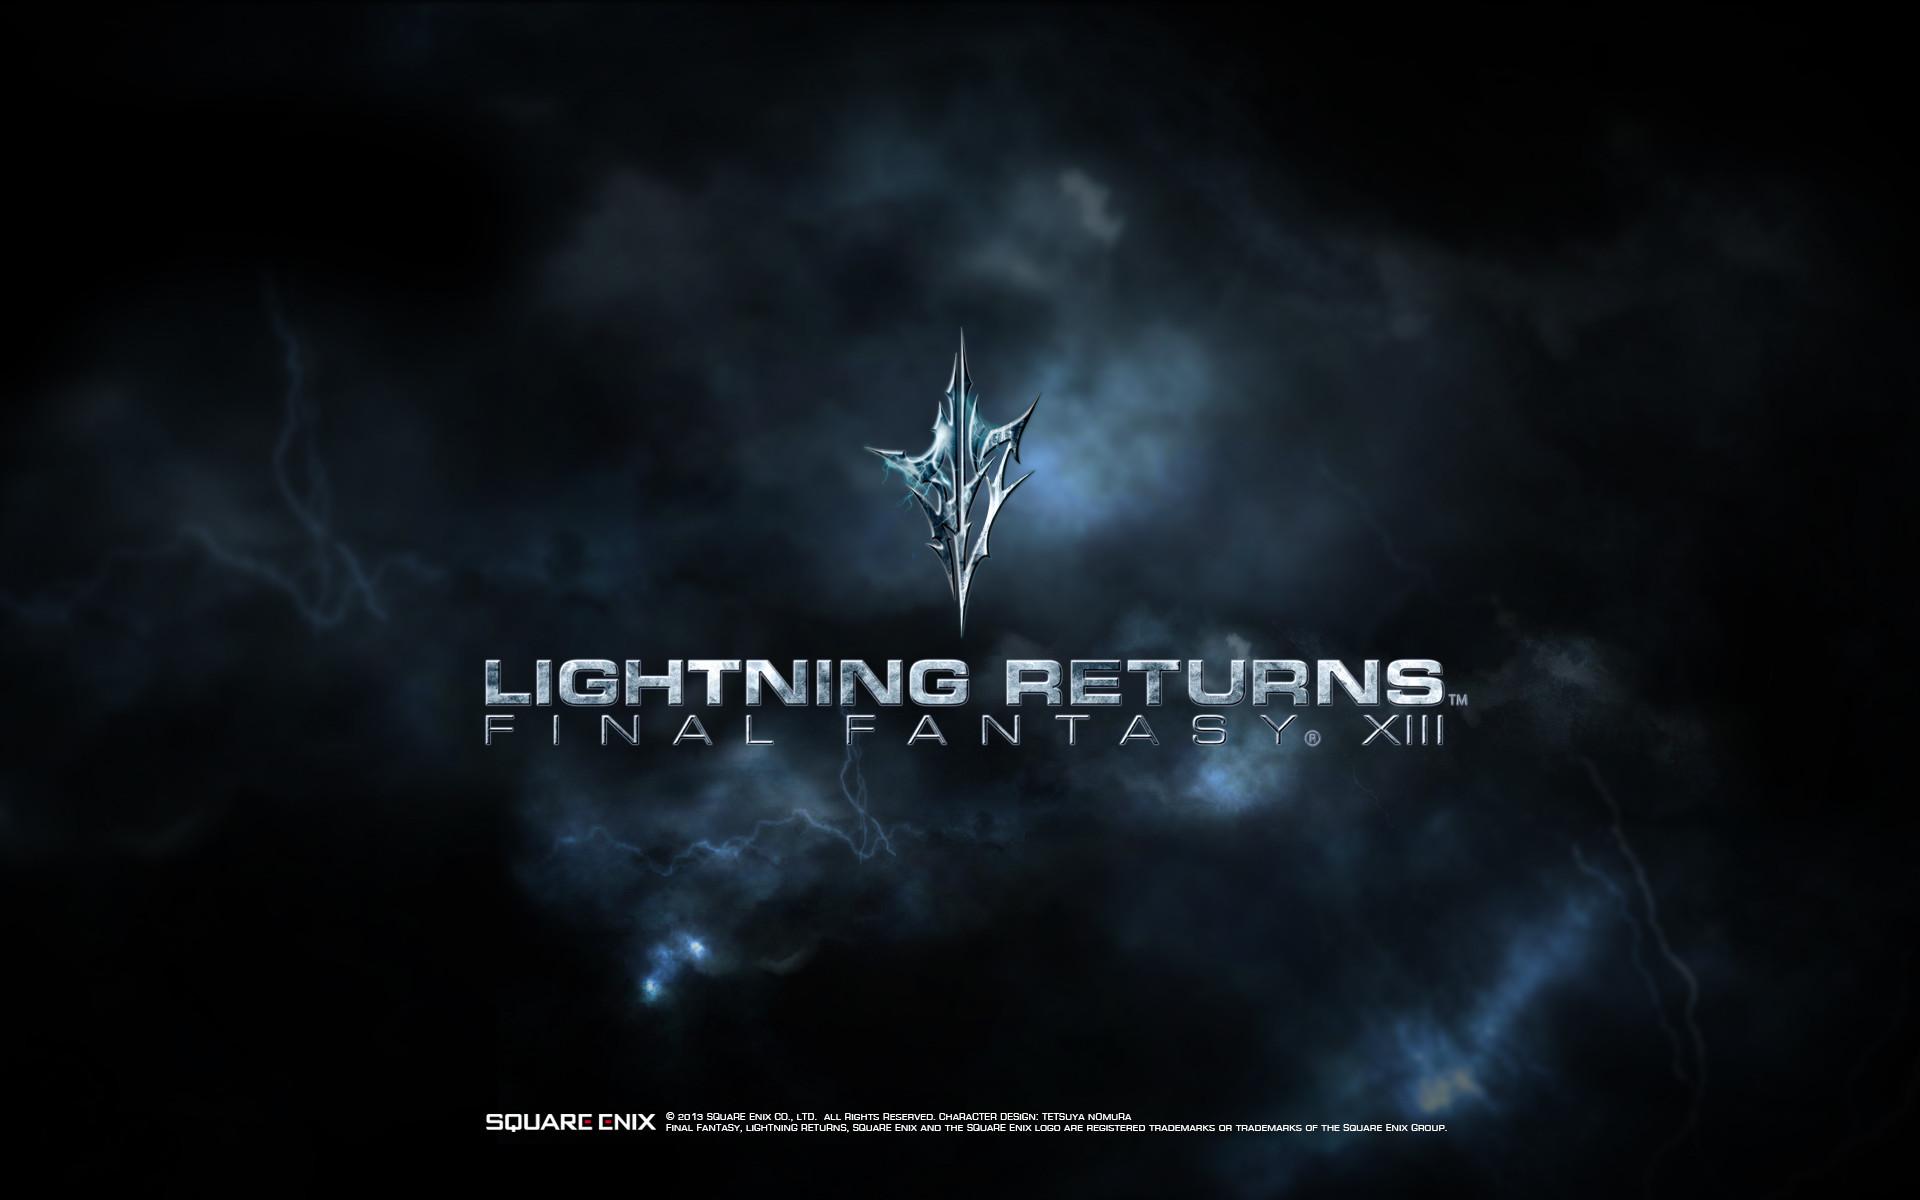 Final Fantasy XIII-3: Lightning Returns Wallpaper 012